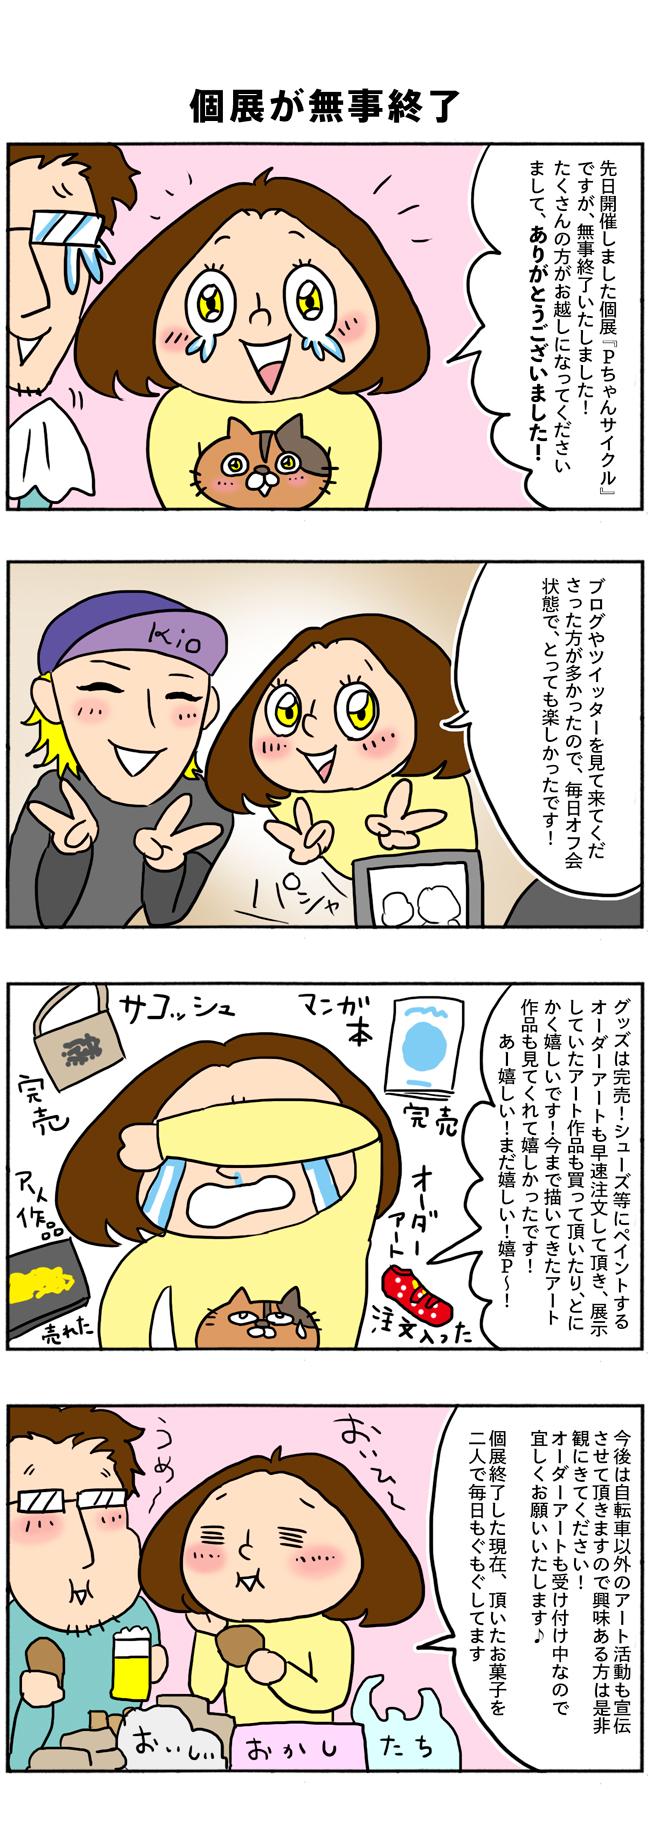 【四コマ漫画】『個展 Pちゃんサイクル』無事終了いたしました!〜まずは御礼〜